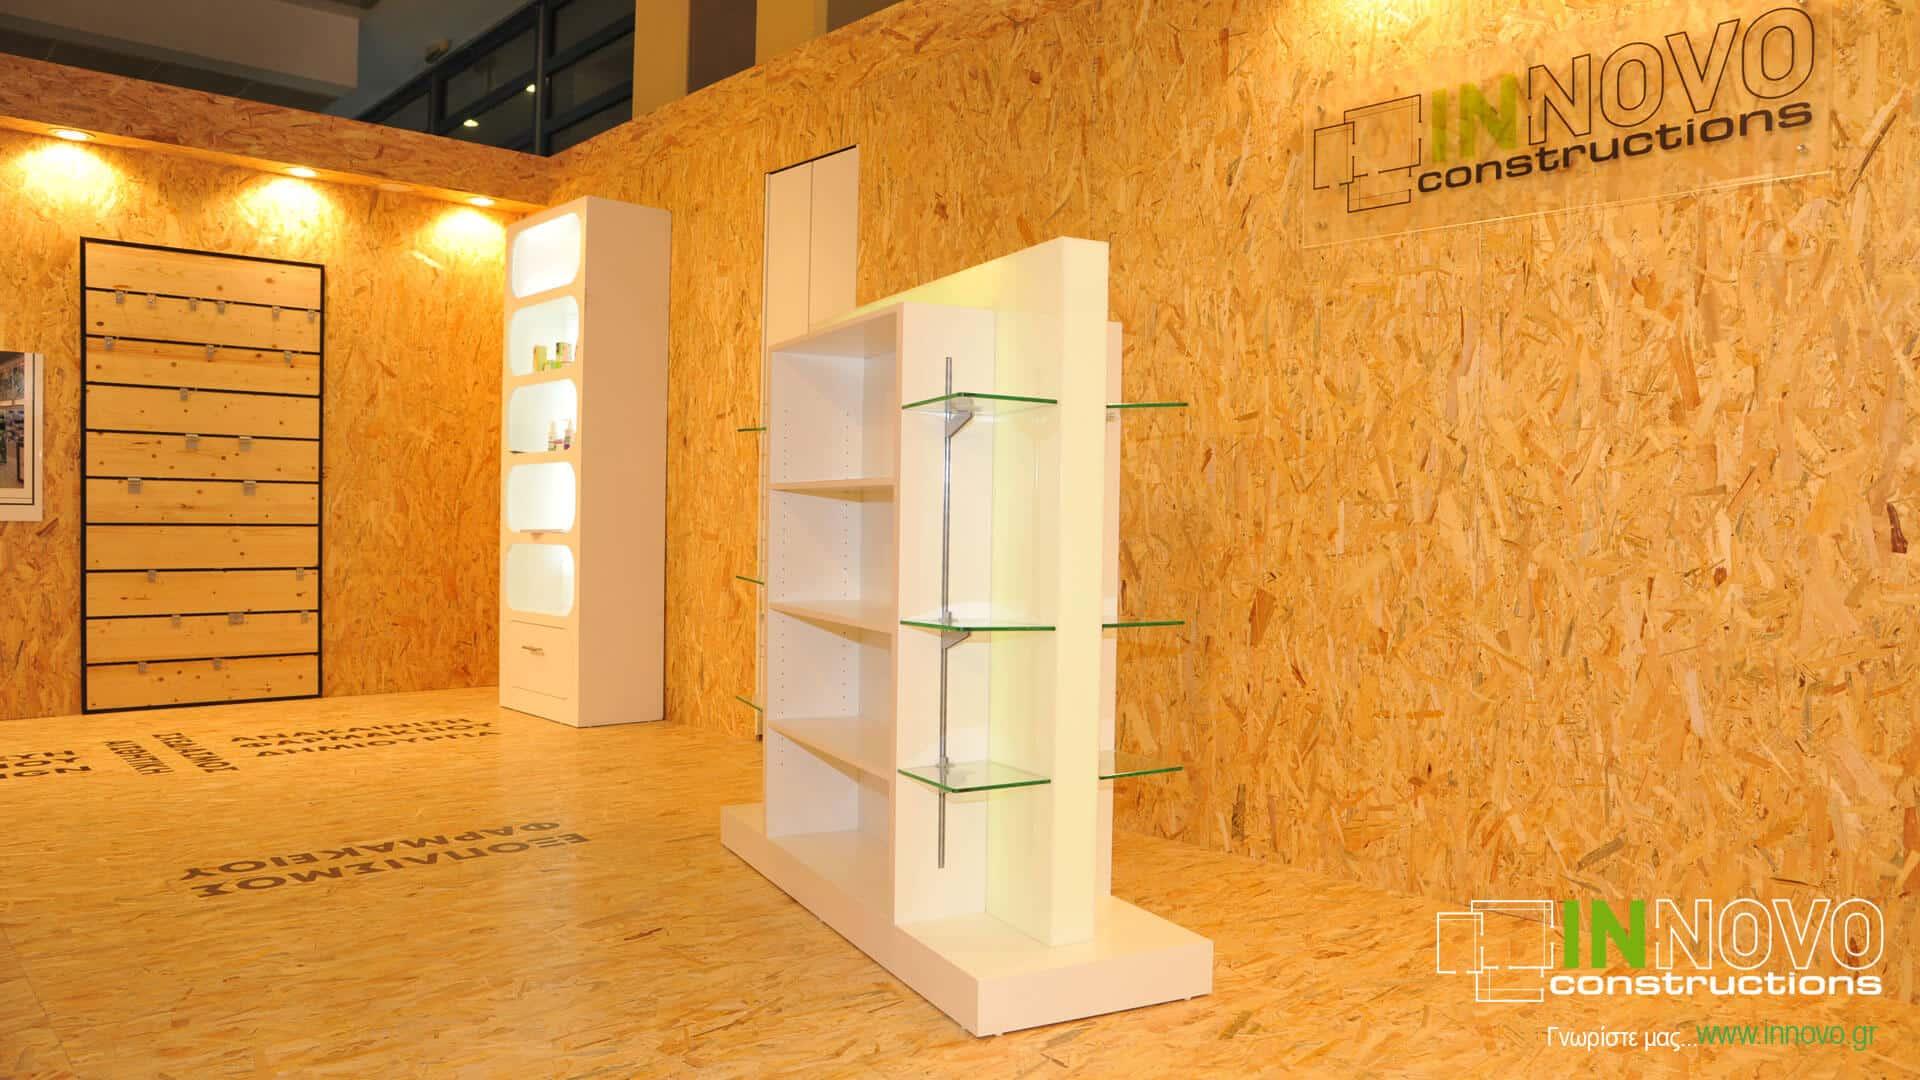 kataskevi-peripterou-exhibition-stand-construction-periptero-mas-hellaspharm2014-6-2